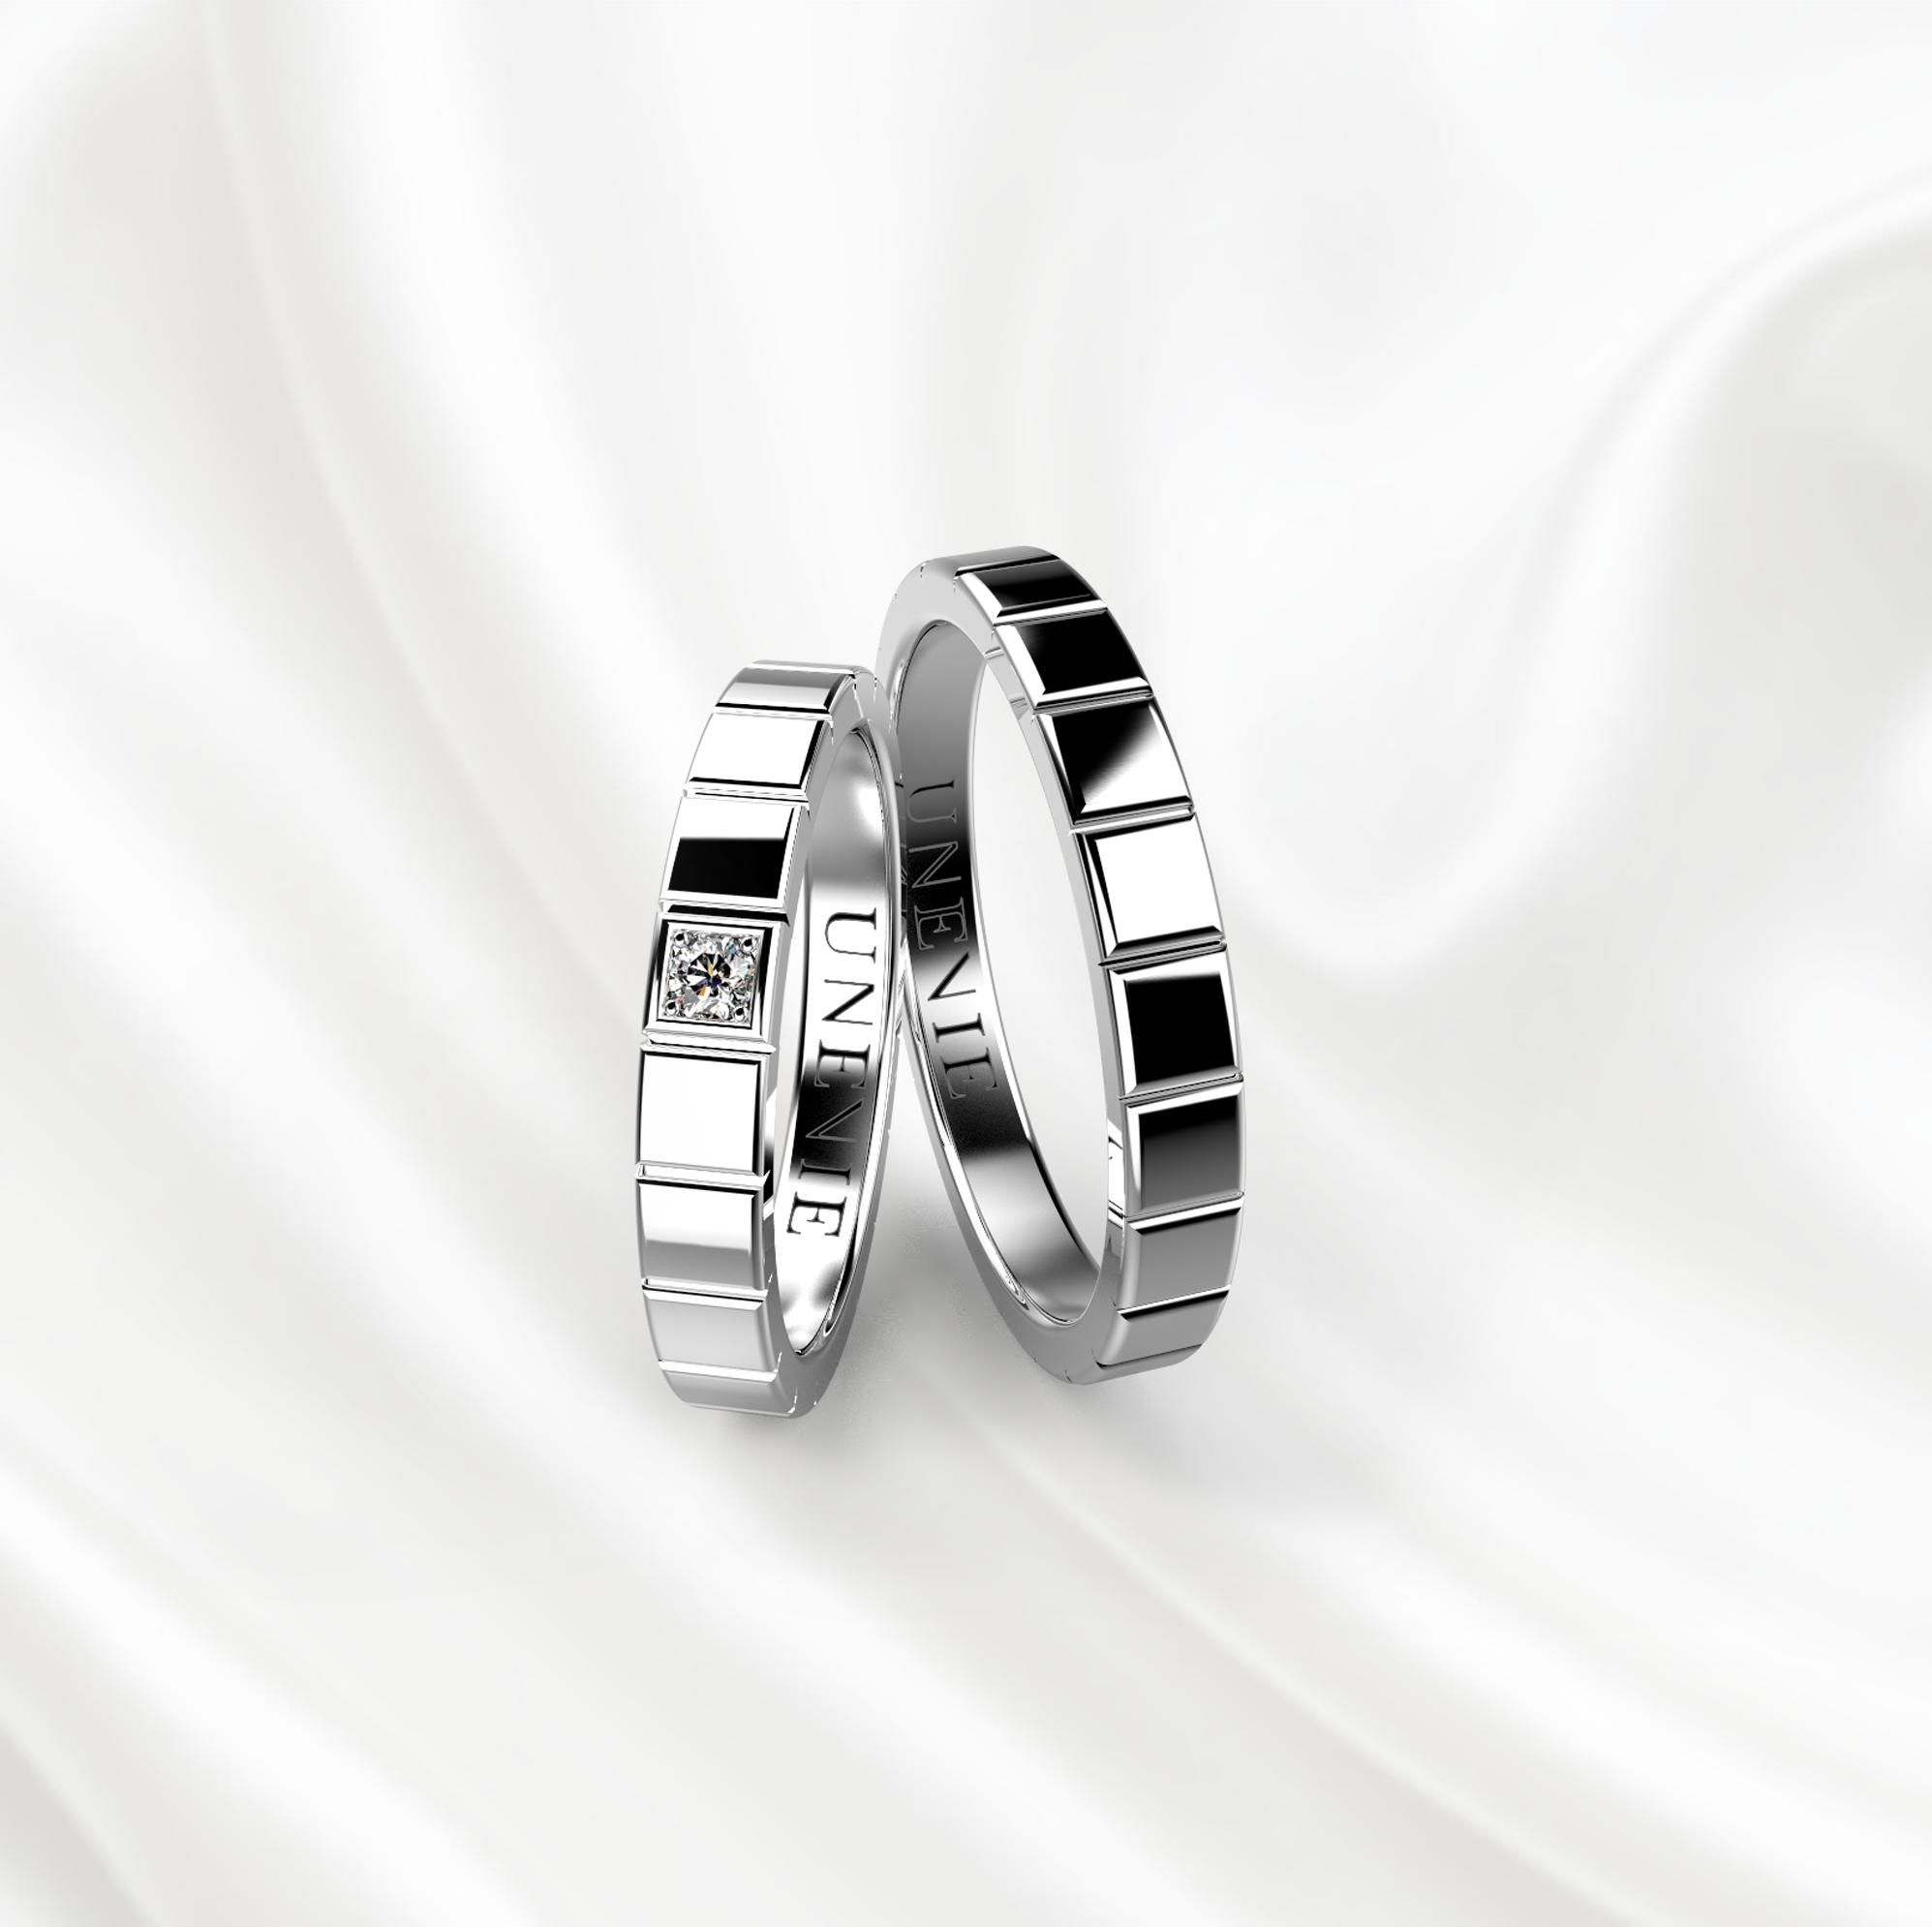 NV25 Обручальные кольца из белого золота с бриллиантом